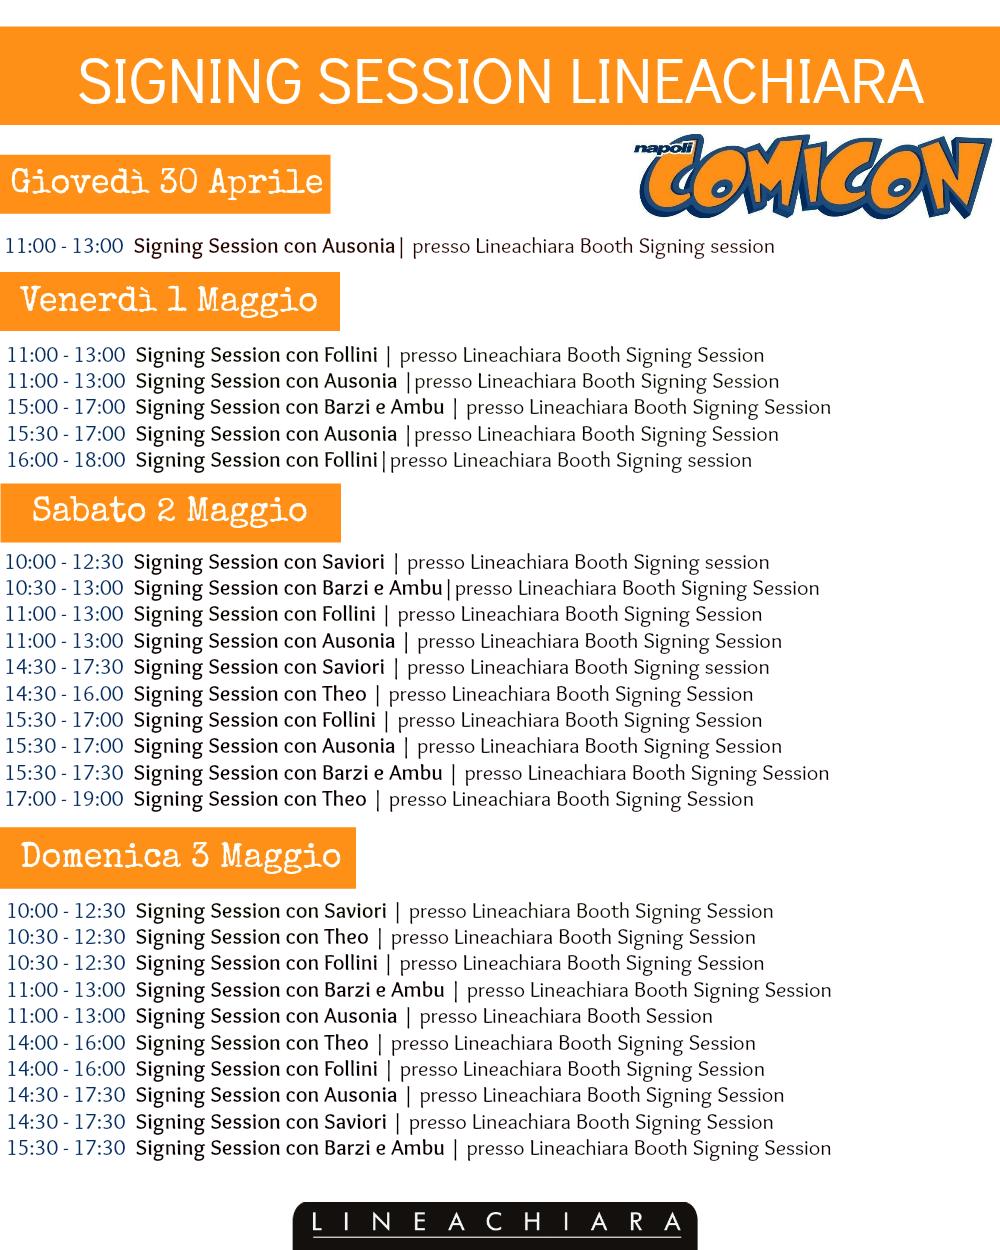 http://www.fumettando.it/news_fumetti/immagini/comicon_lineachiara_2015.png